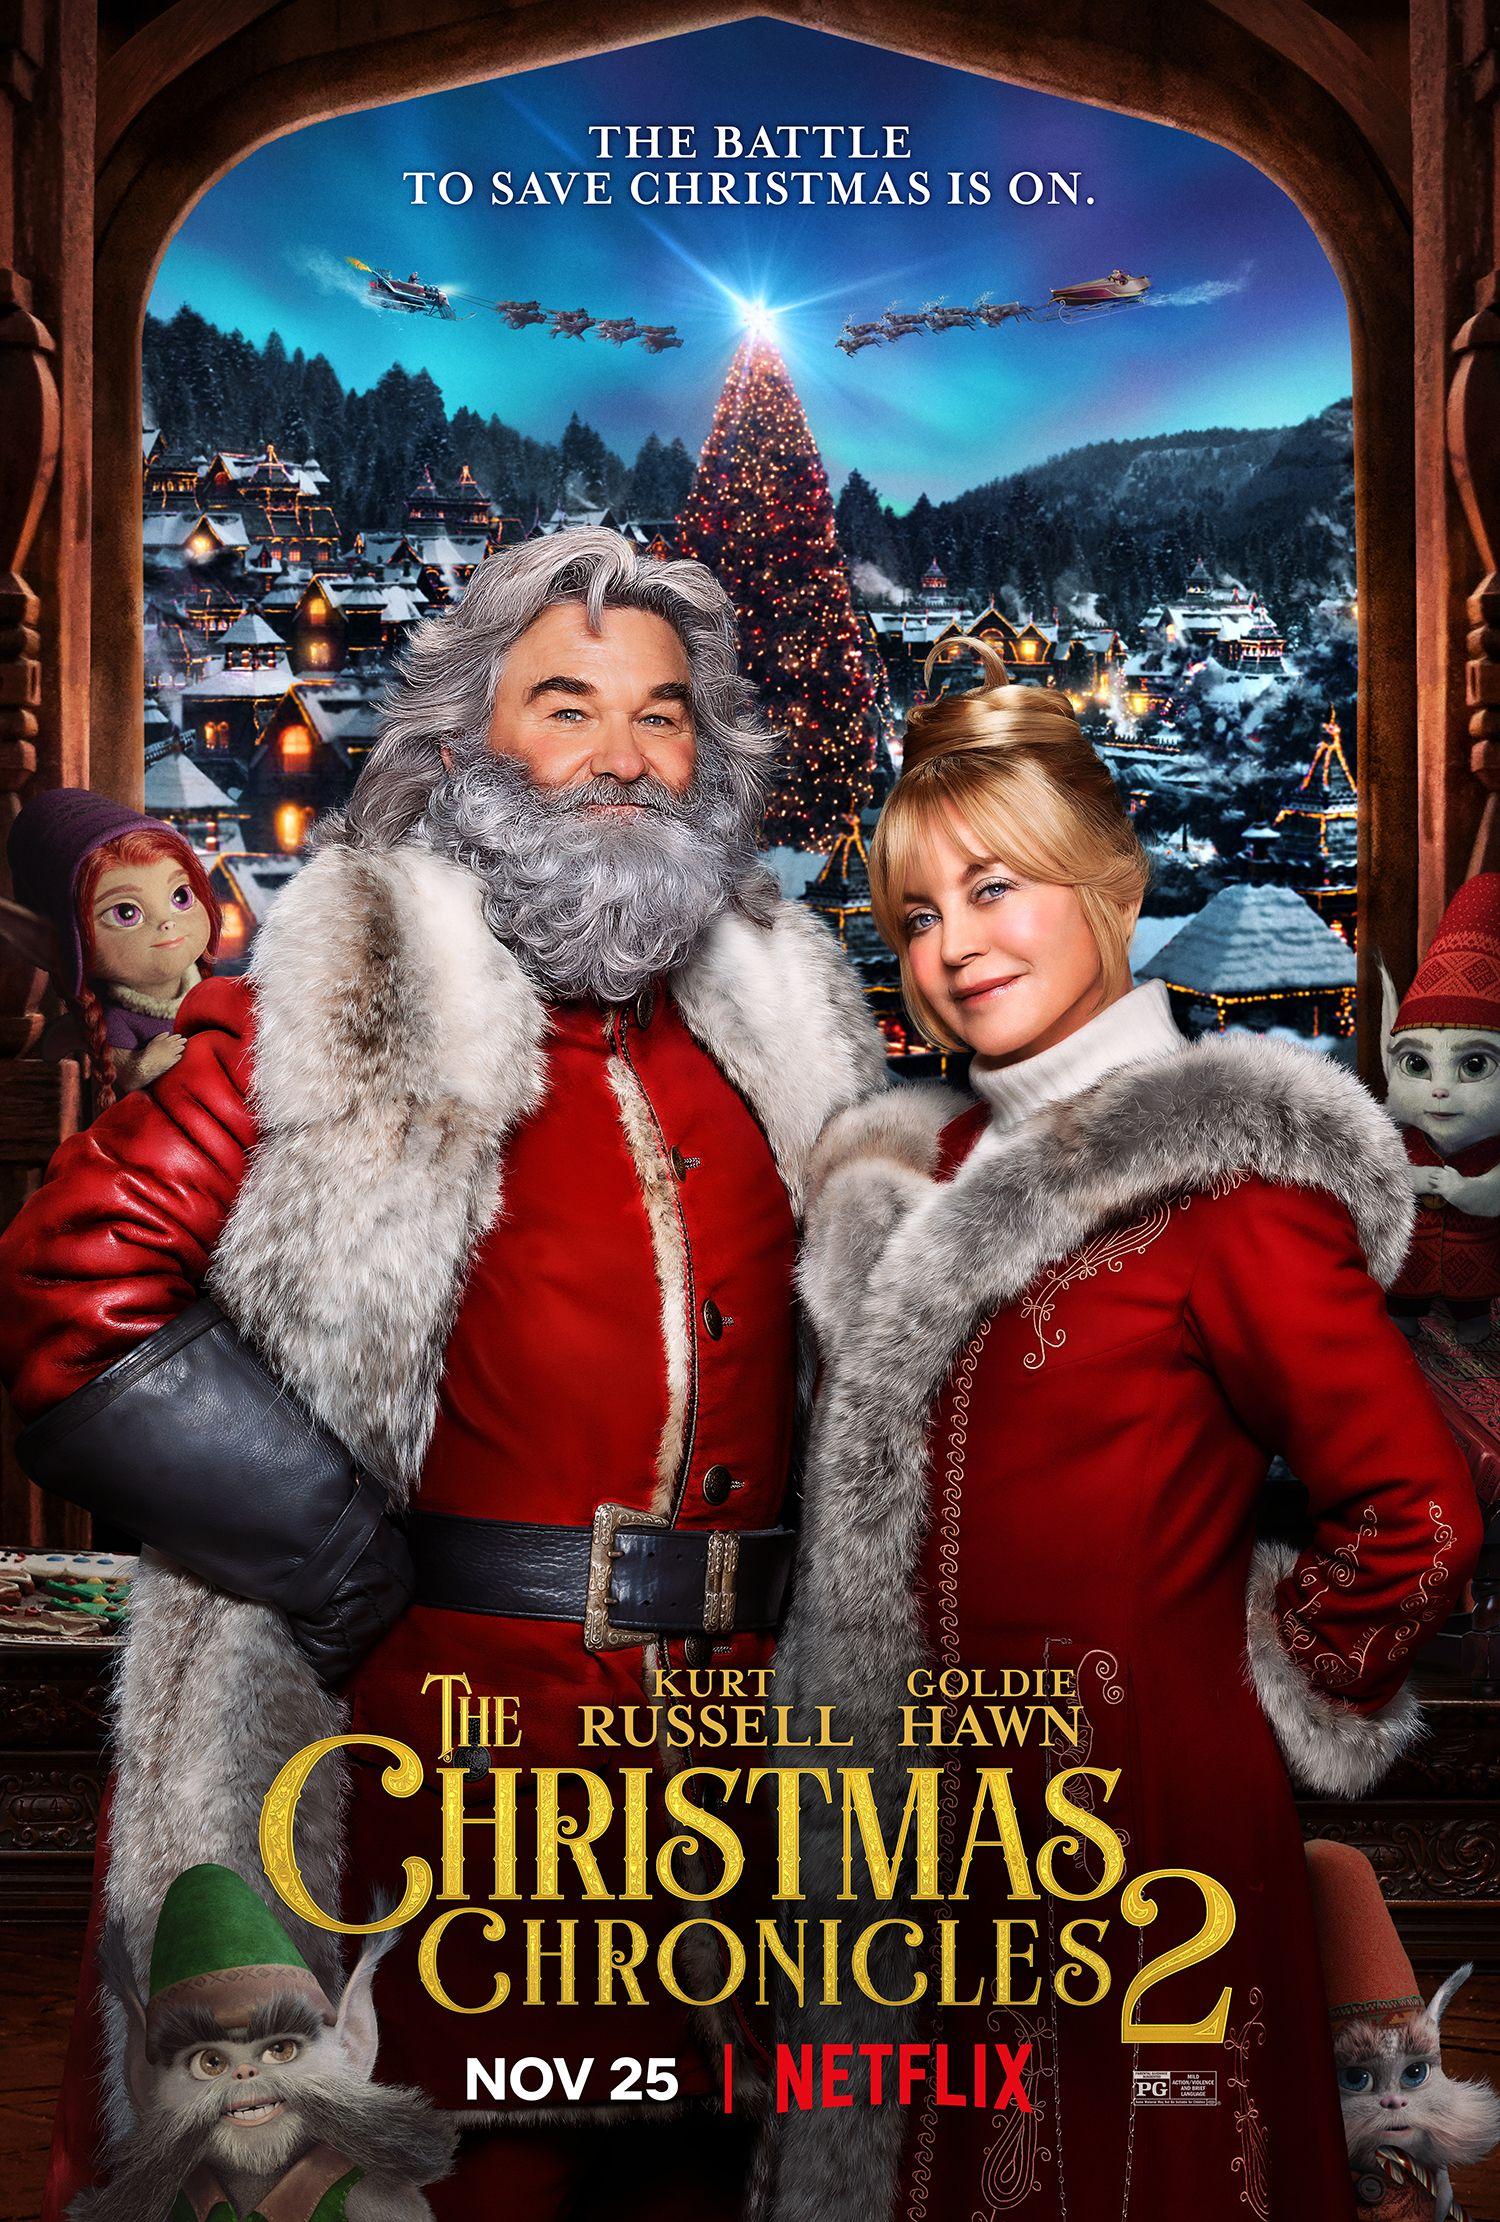 The Christmas Chronicles 2 Filmes Online Gratis Dublado Filmes Online Gratis Filmes